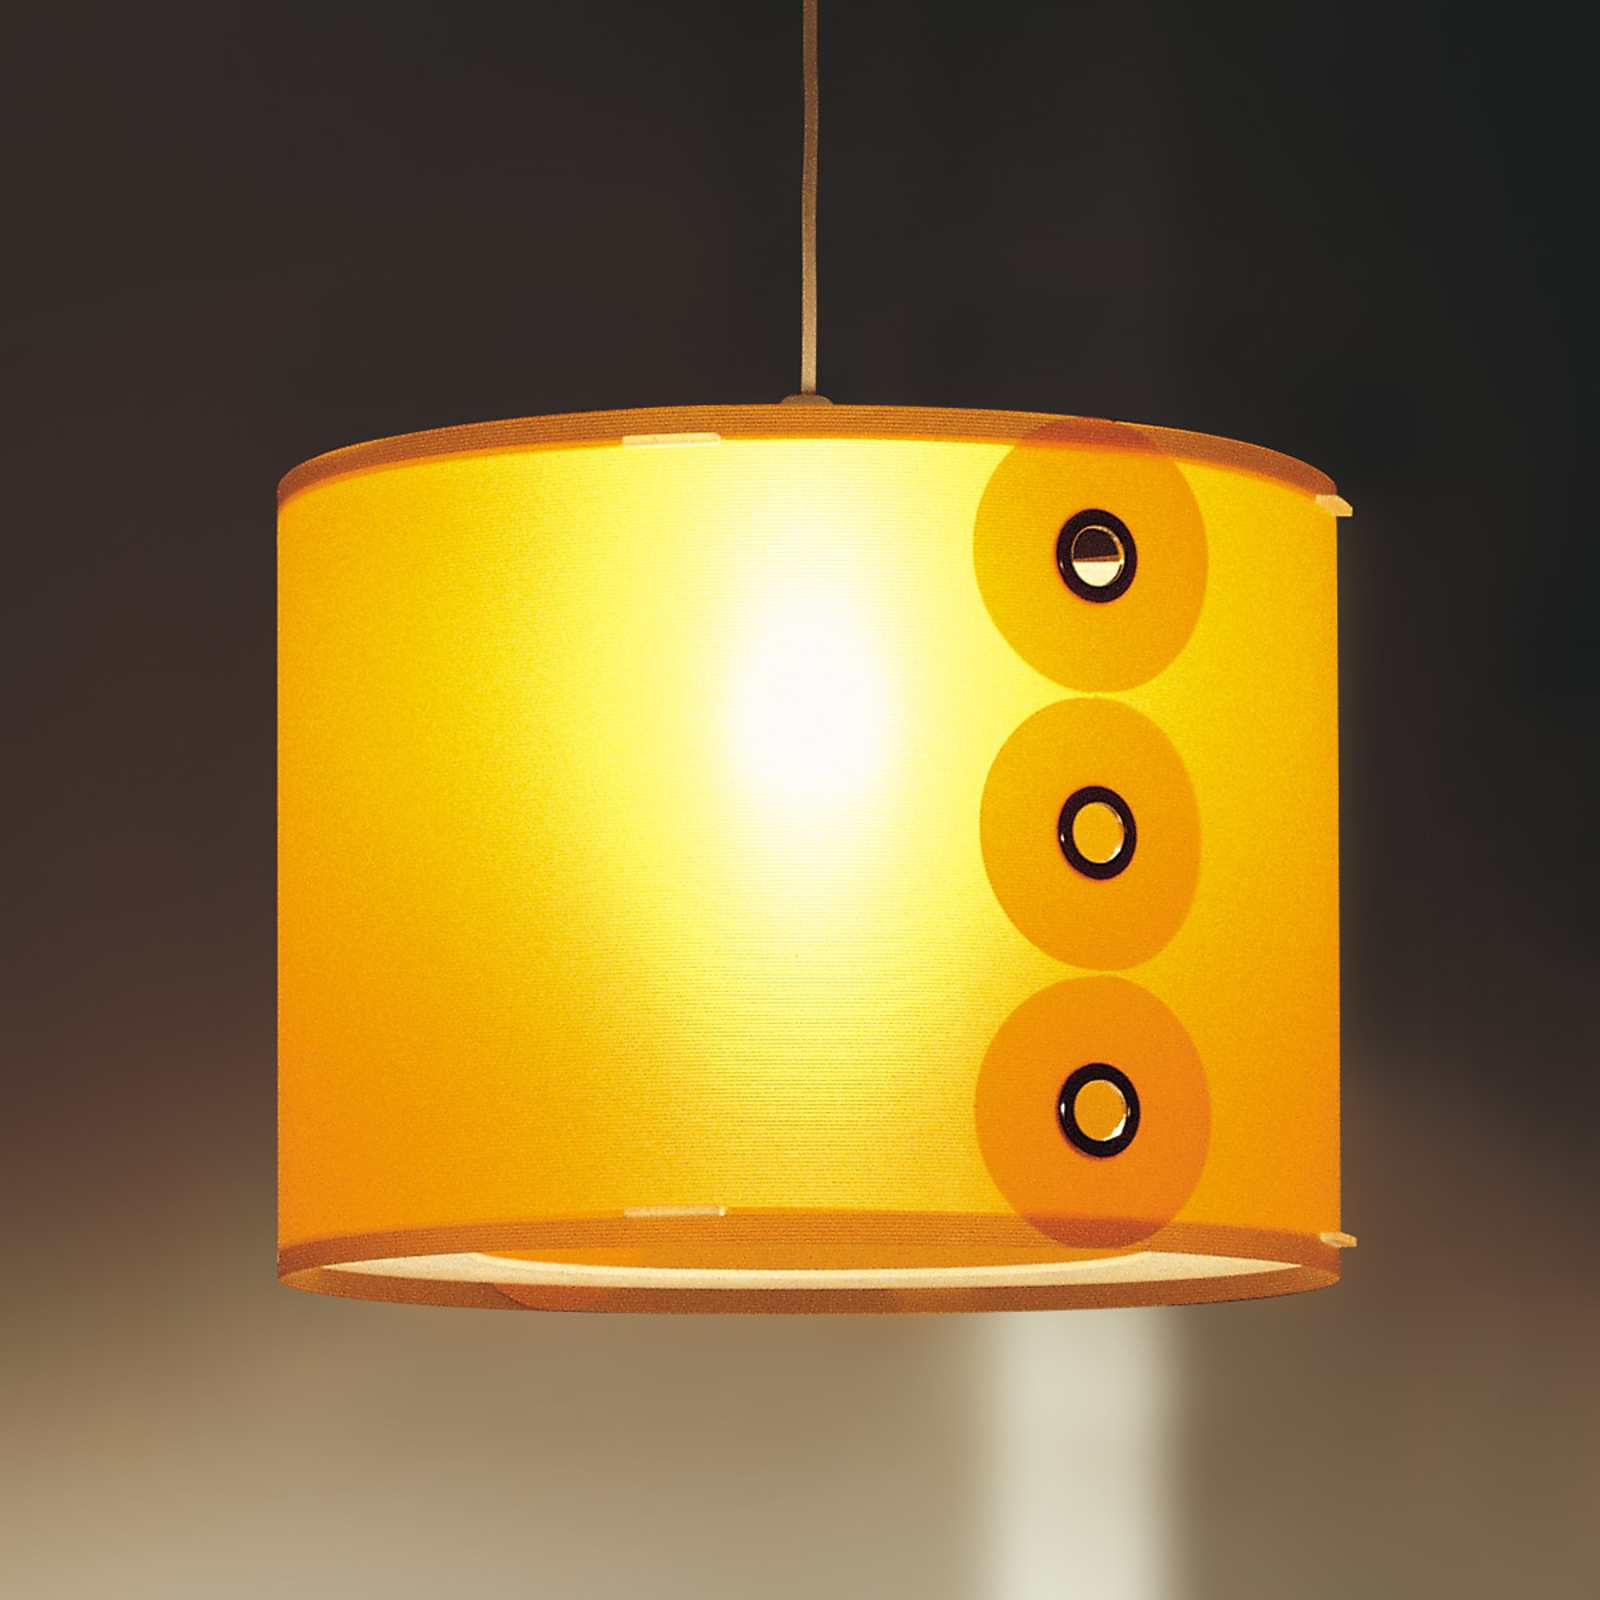 Lámpara colgante naranja Rotho